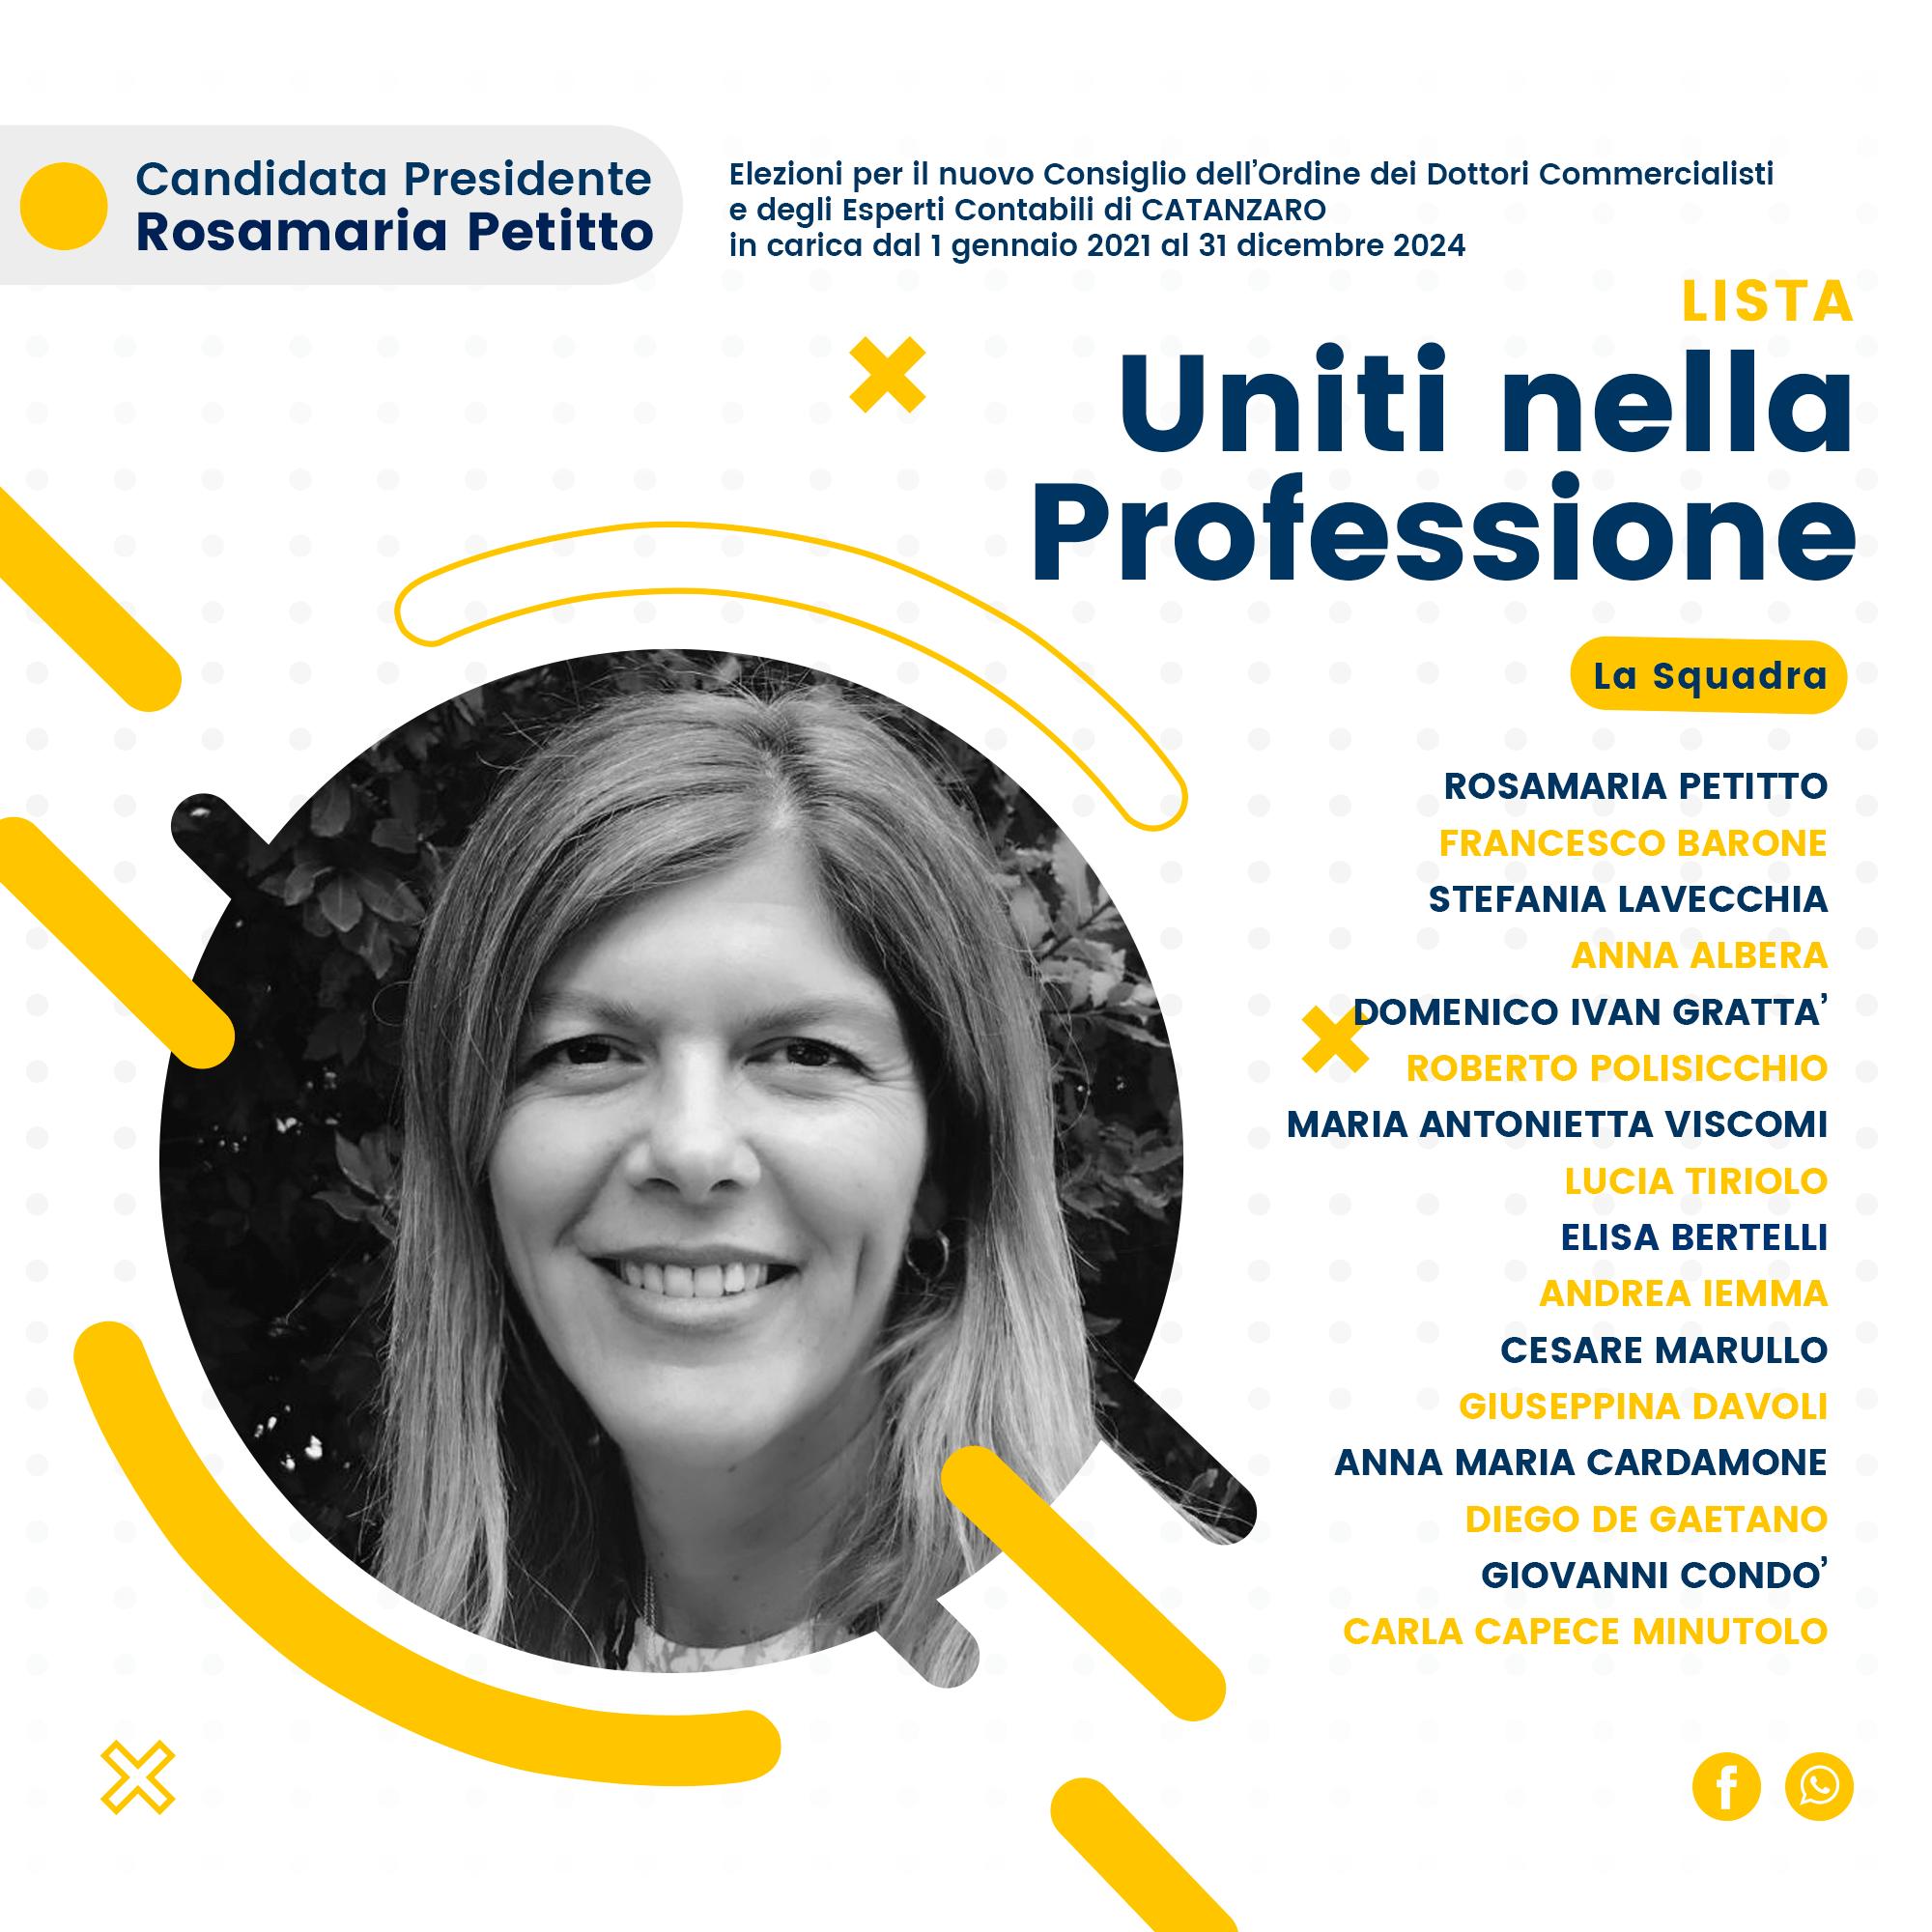 """Catanzaro: Rosamaria Petitto presenta il programma della lista """"Uniti nella Professione"""", per l'Ordine dei Dottori Commercialisti e degli Esperti Contabili di Catanzaro"""